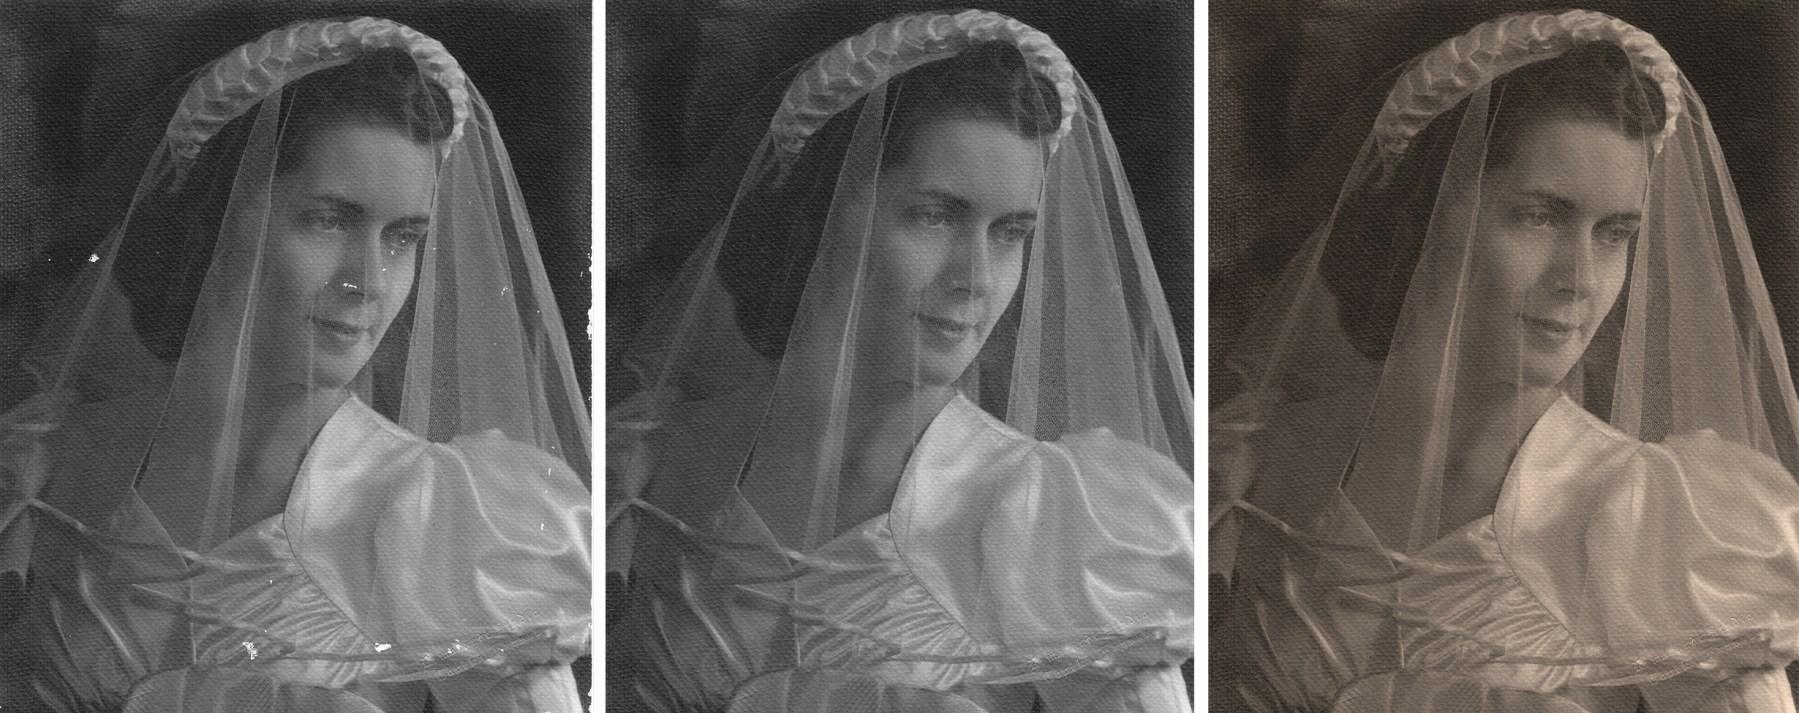 Frances Lanning Turner